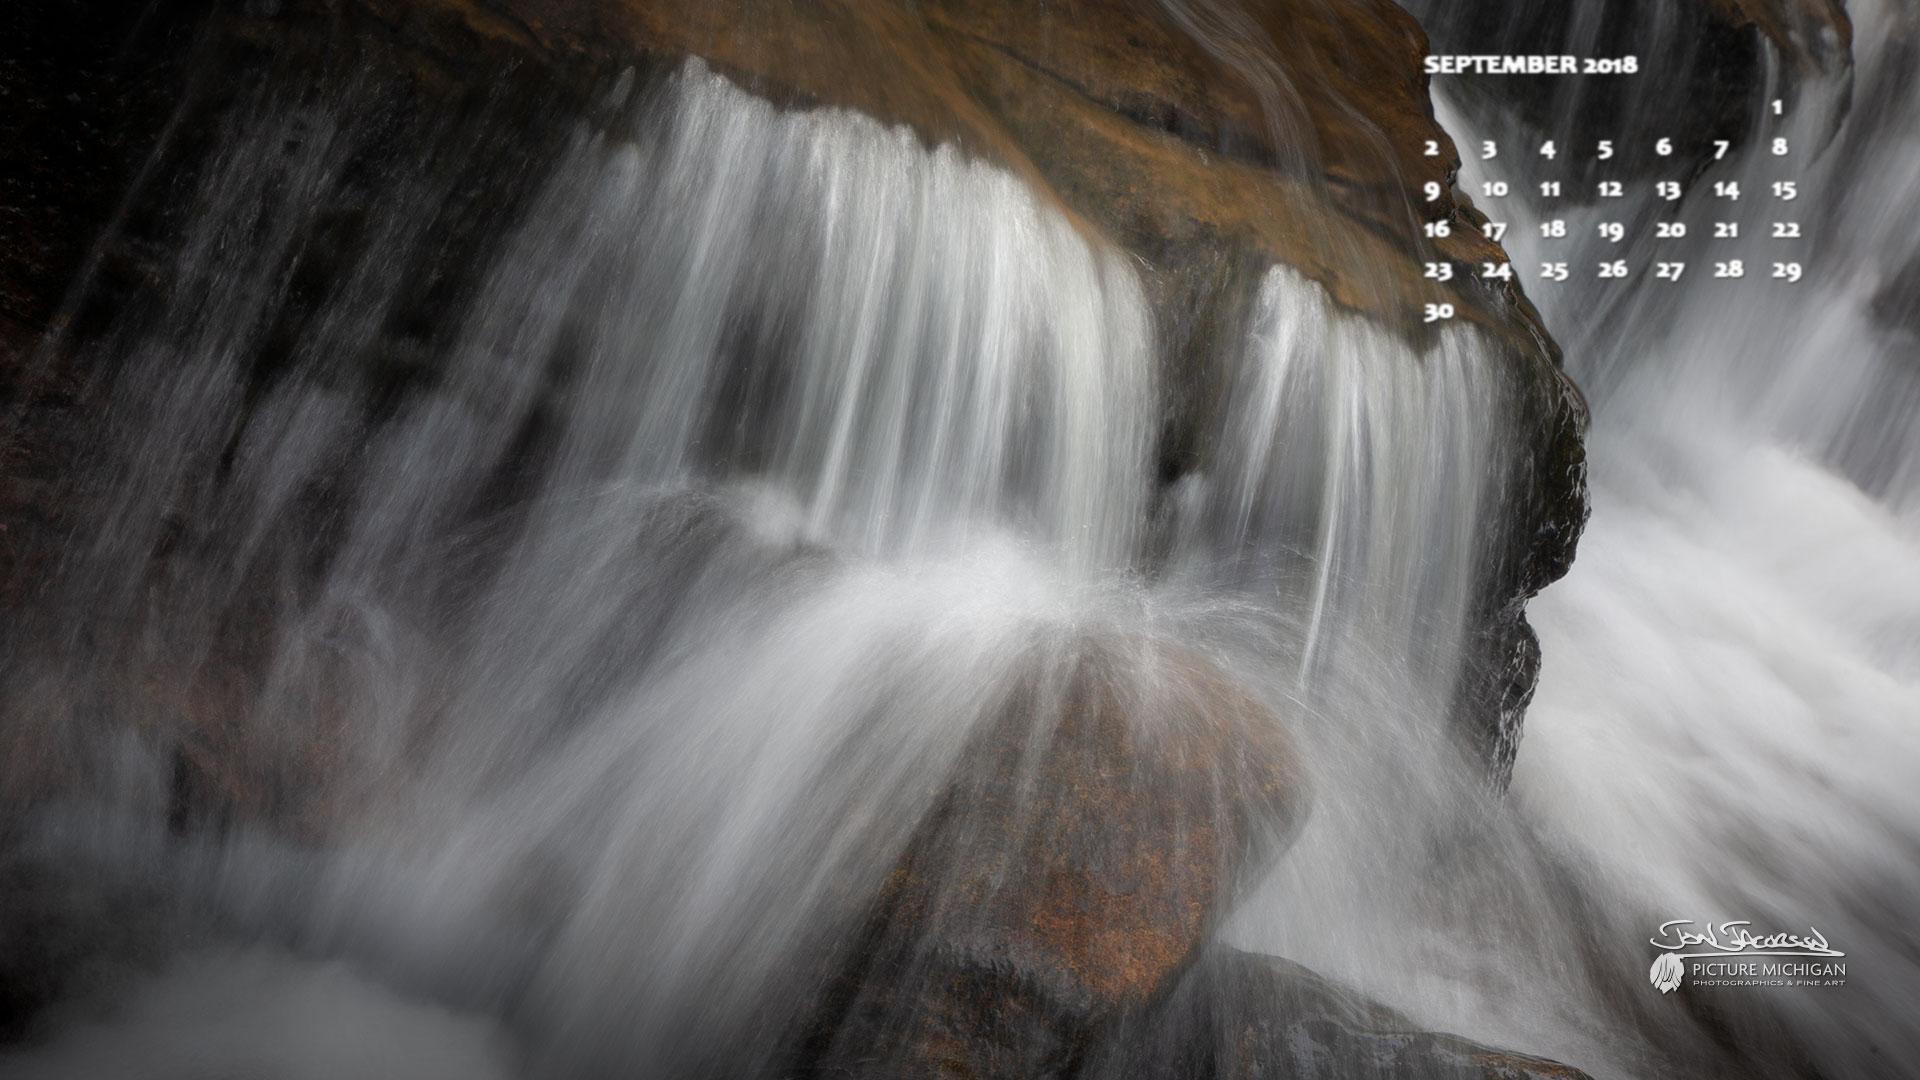 Au Sable Falls Calendar Desktop Wallpaper